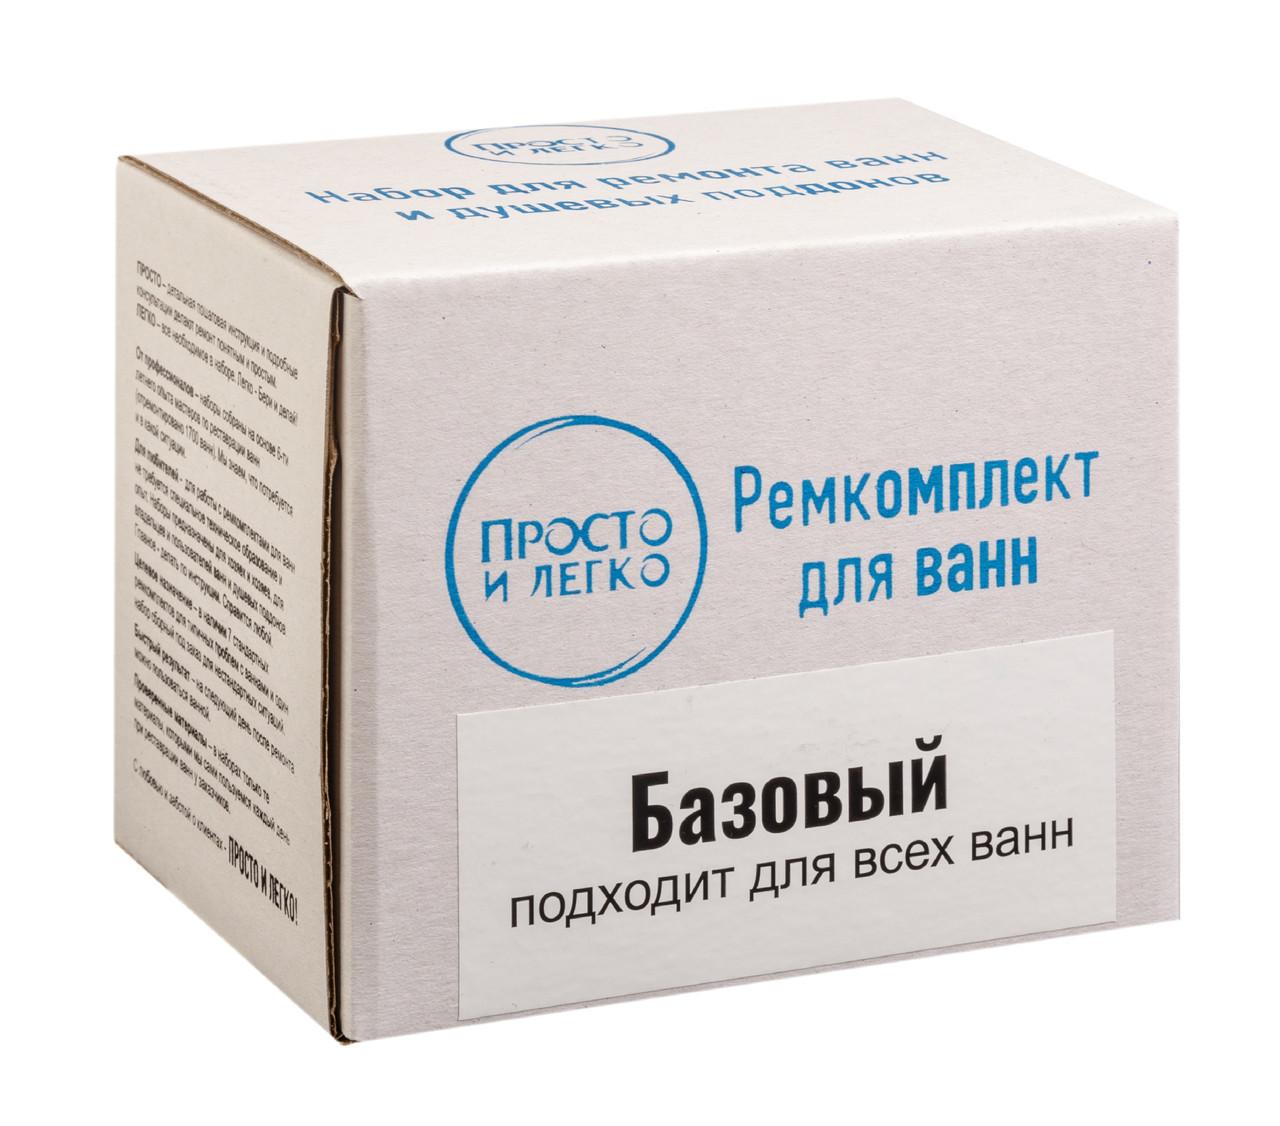 Ремкомплект для ванн Просто и Легко Базовый 20 г (SUN0831)